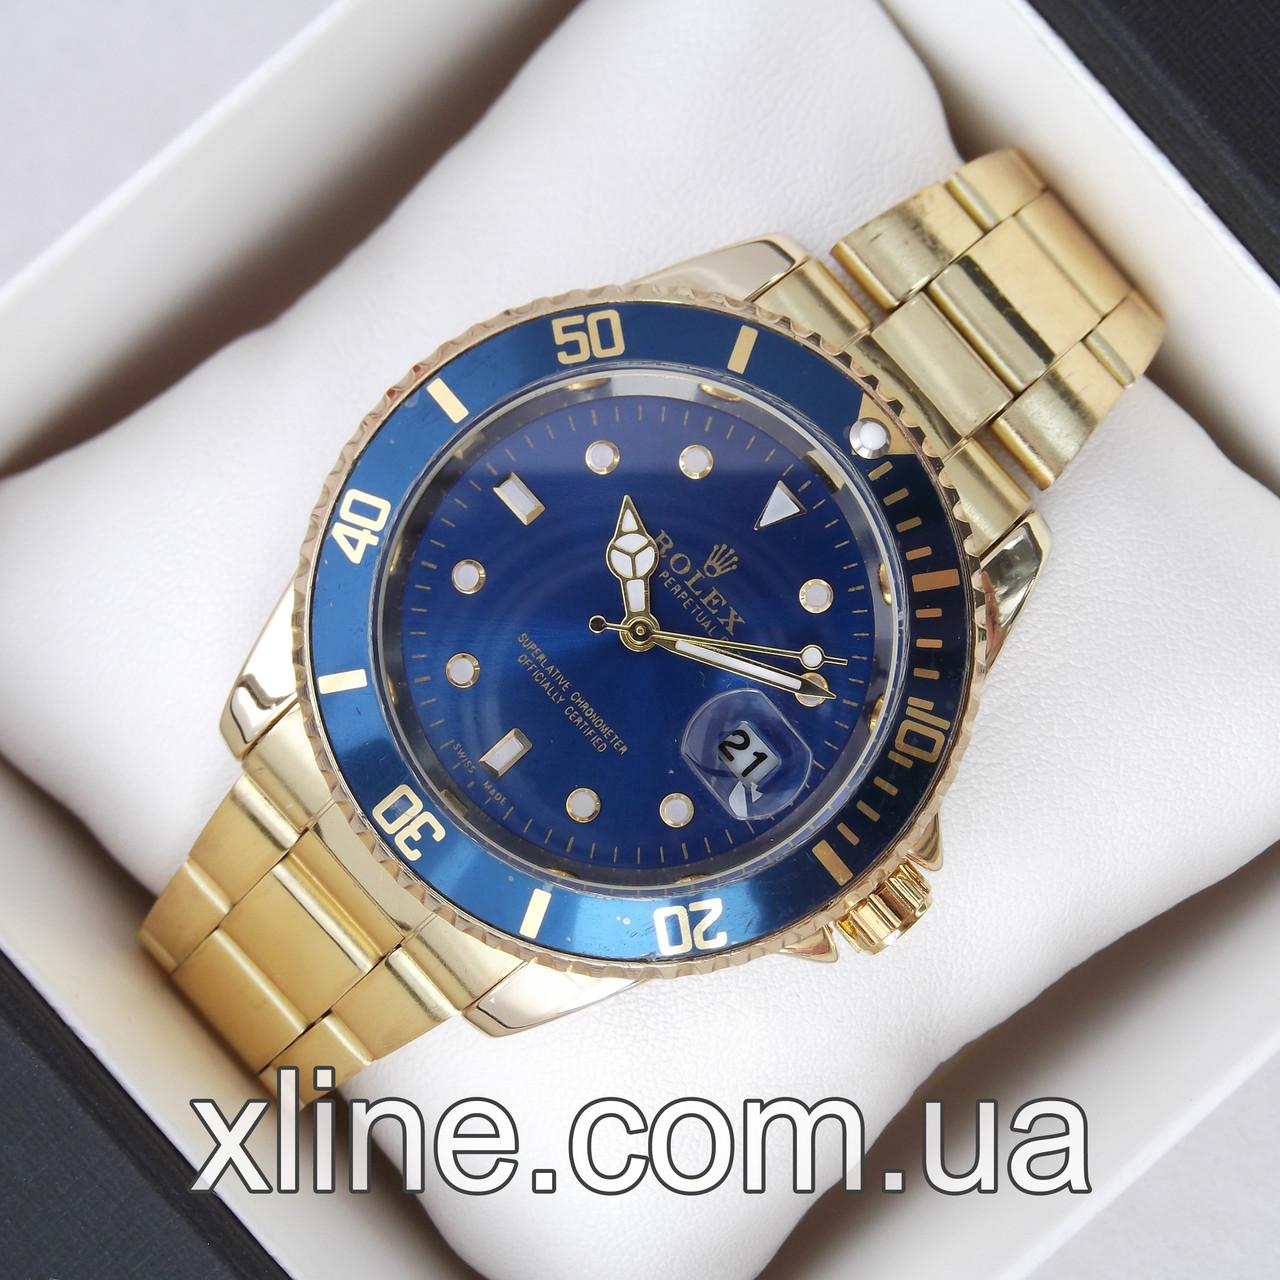 Унисекс наручные часы Rolex Submariner Quarts 2128 на металлическом браслете